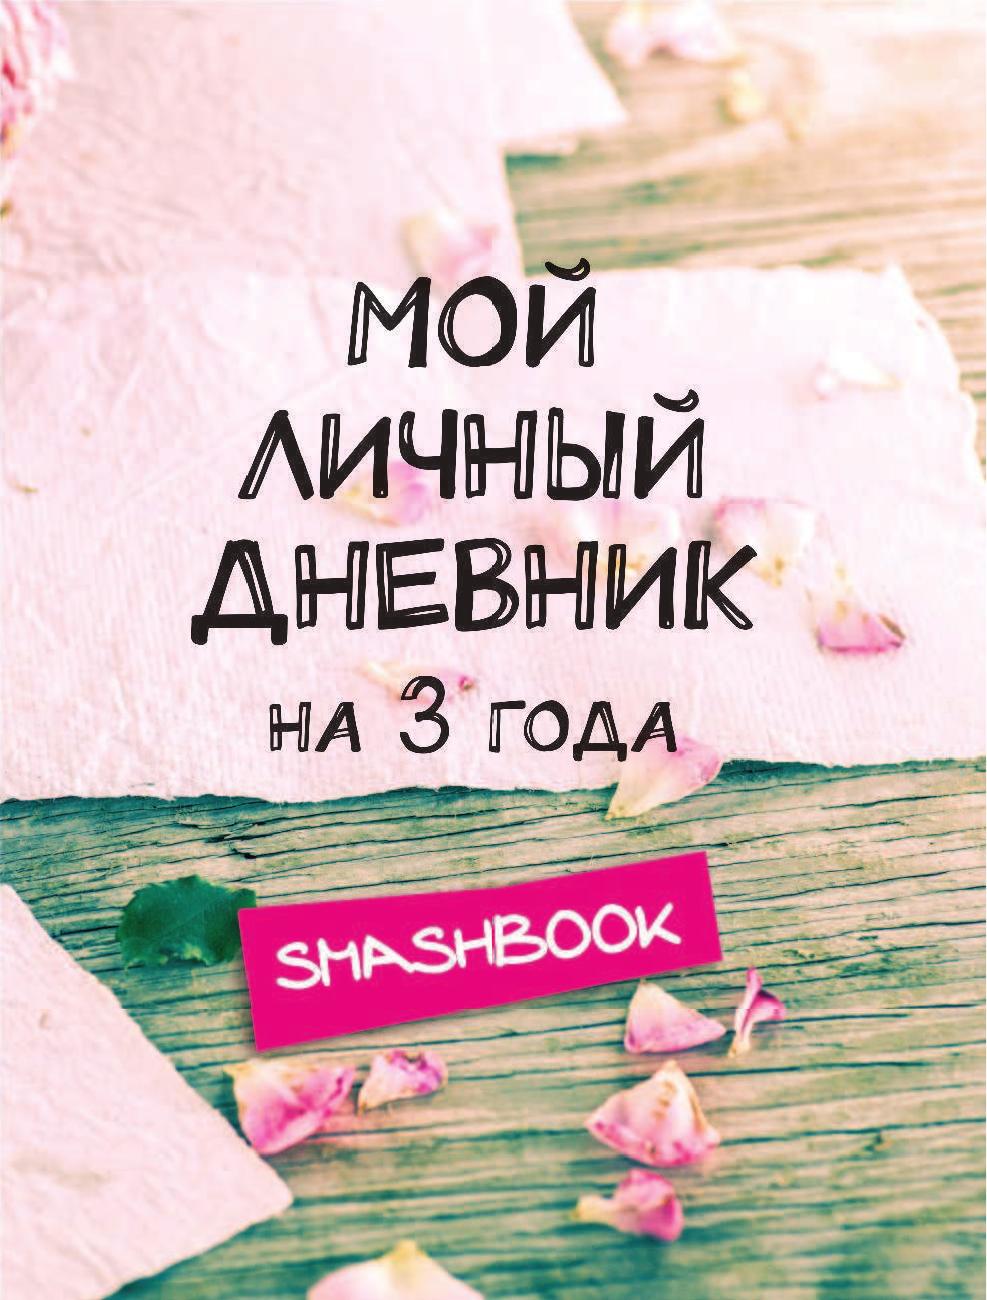 Красивые картинки с надписями дневник